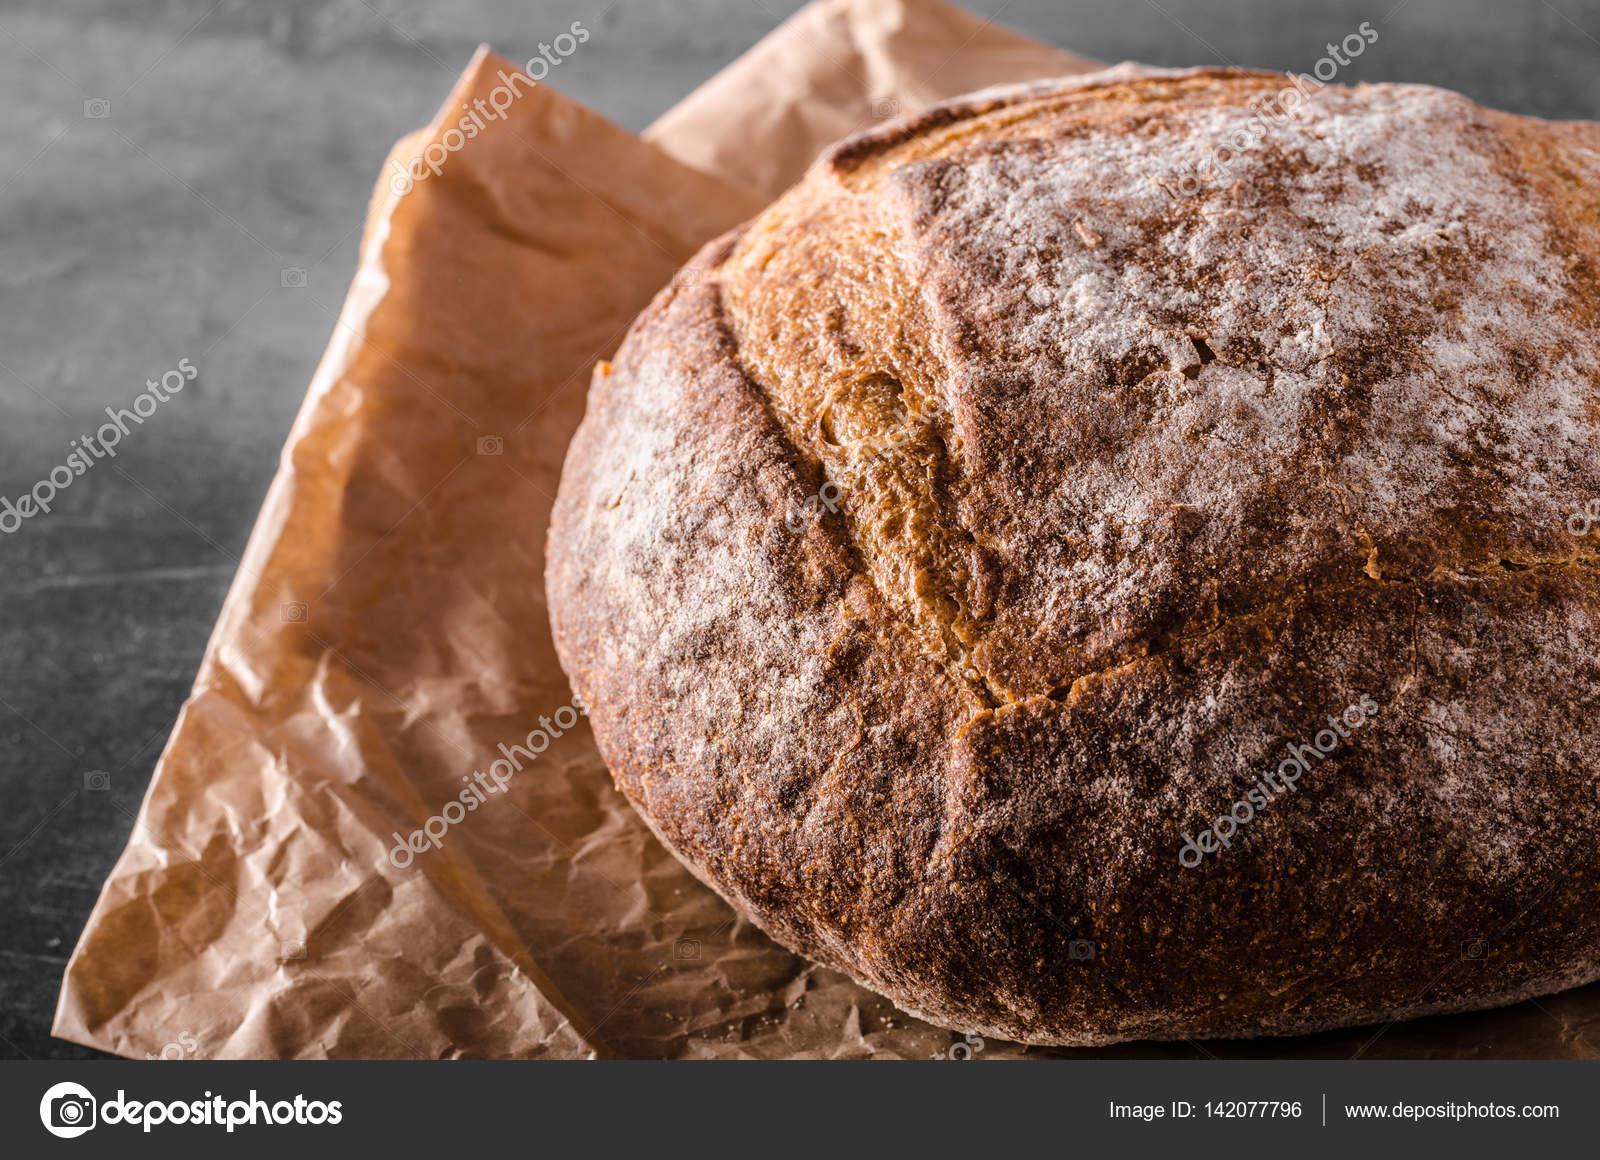 Ψωμί φόντο φωτογραφία προϊόντος — Φωτογραφία Αρχείου © Peteer  142077796 ea48116971b